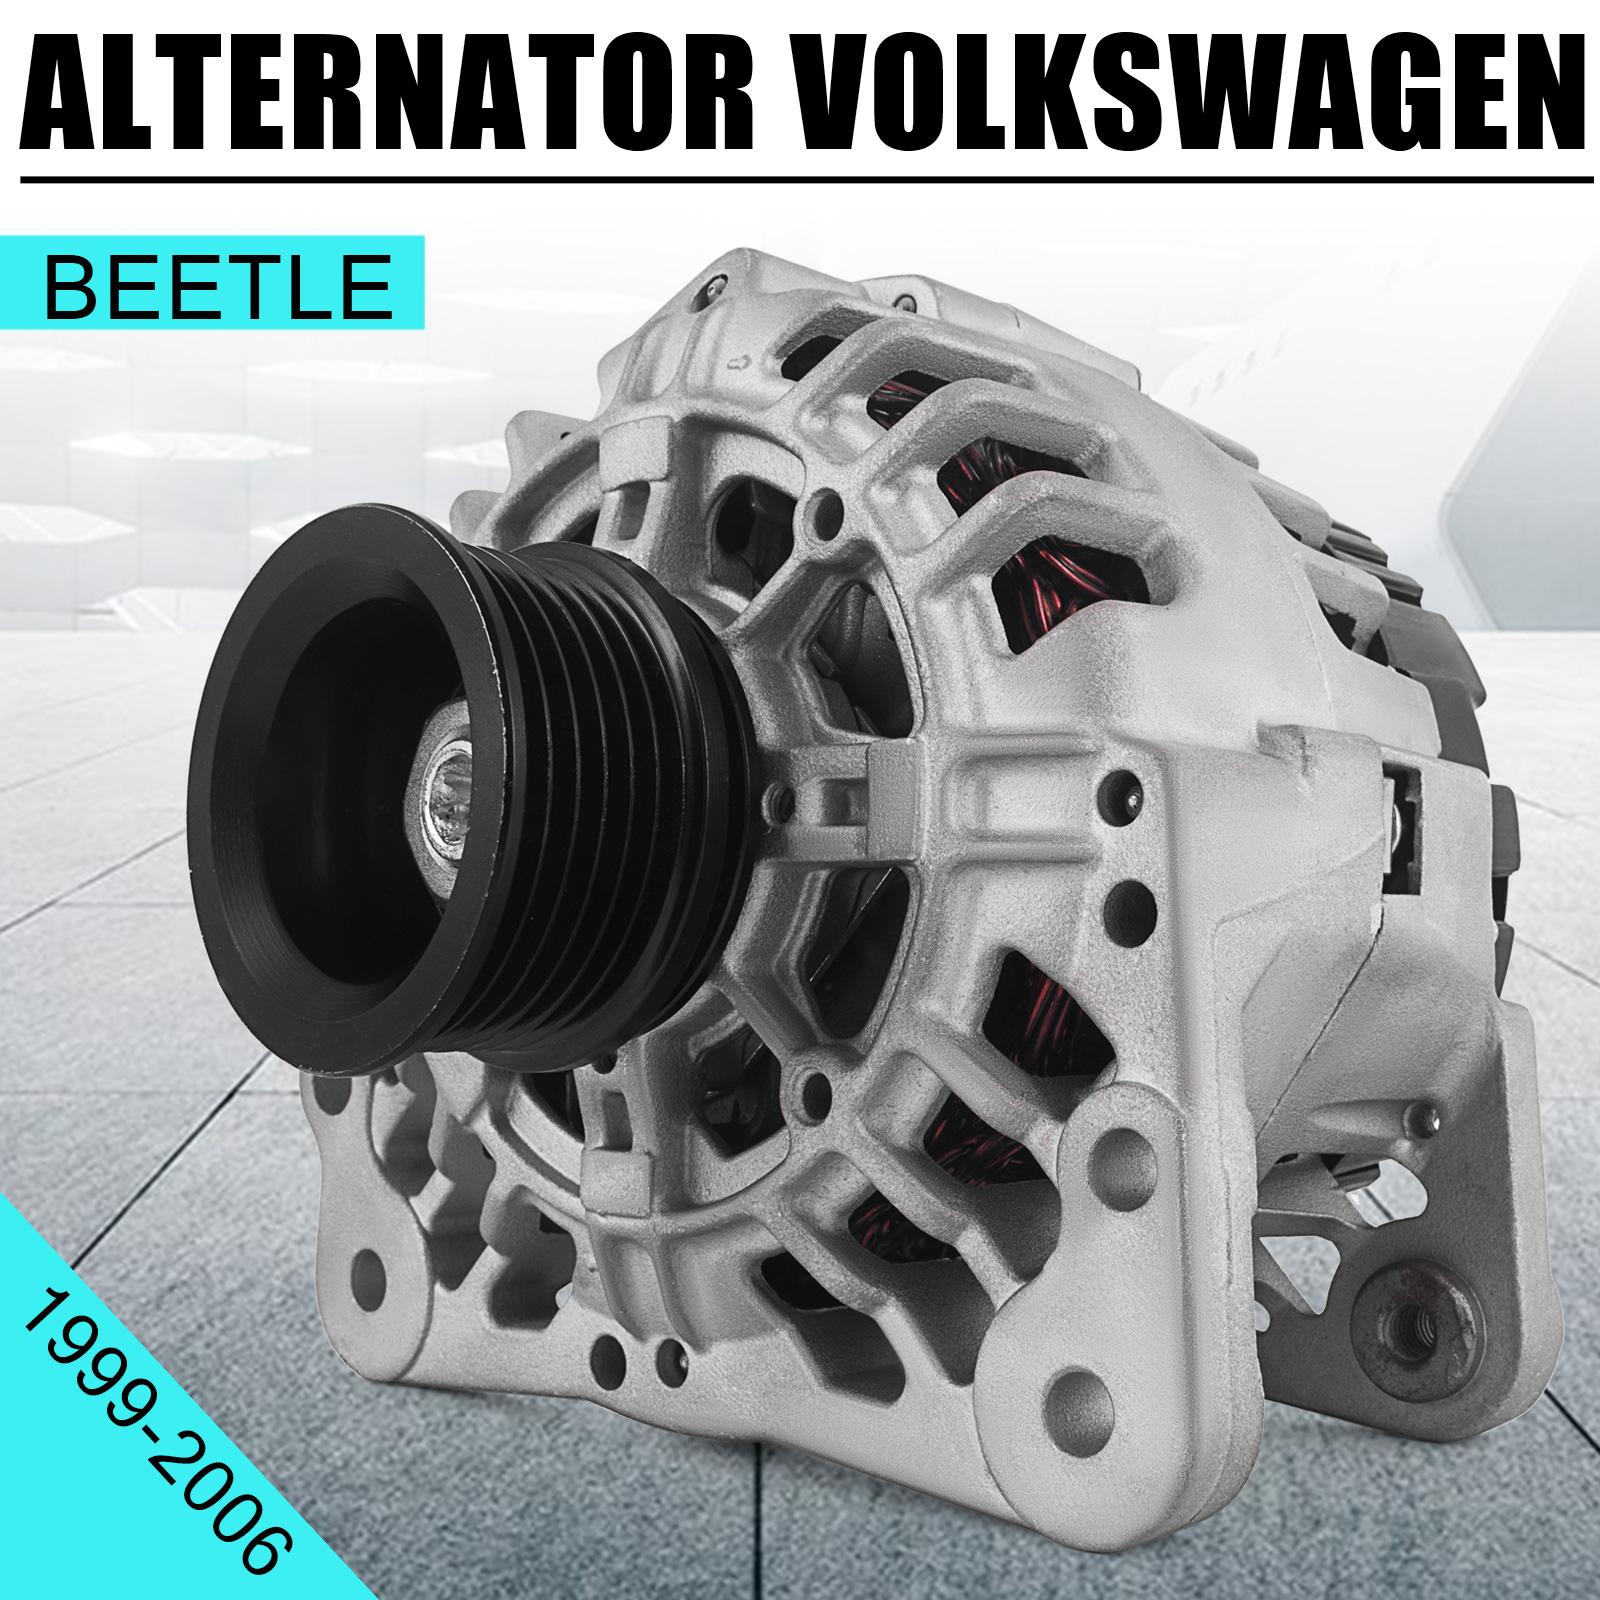 New Alternator 1.8 1.8L 2.0 2.0L Audi A4 02 03 04 05 06 07 08 09 2002 2003 2004